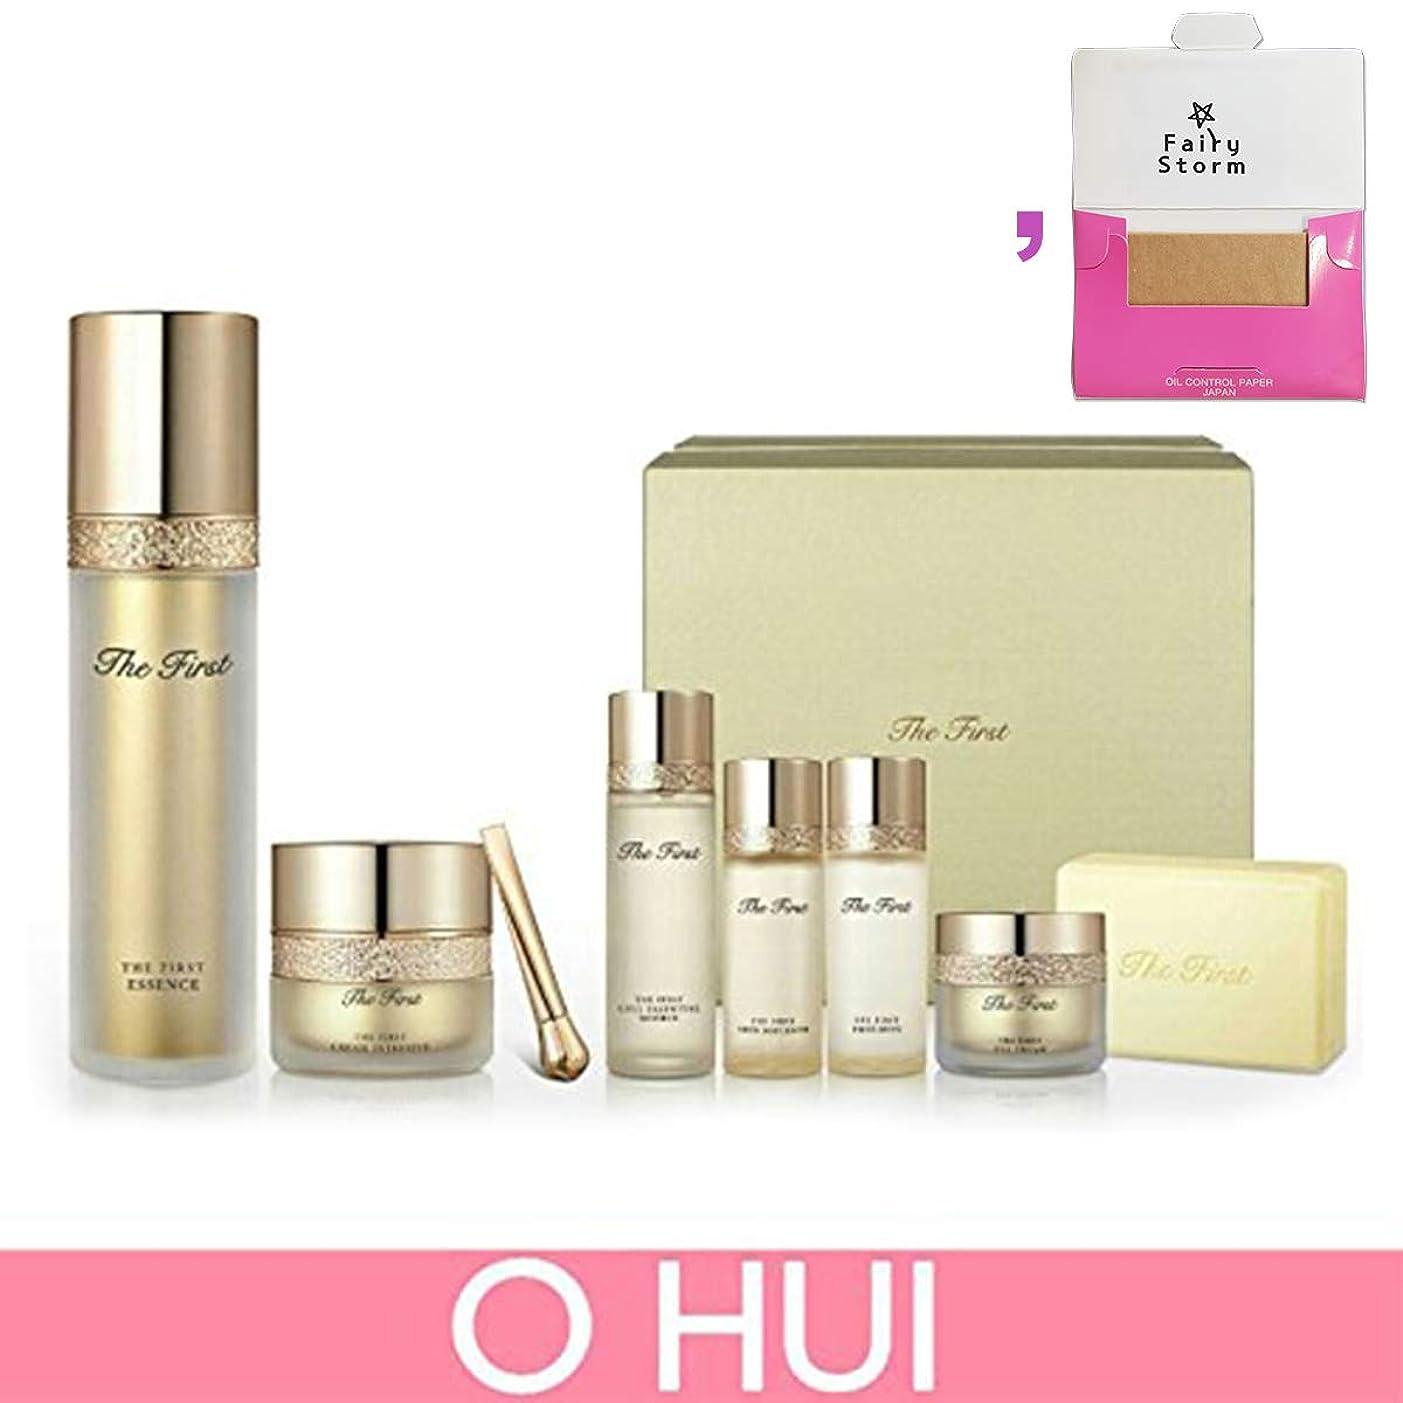 自発分岐するサッカー[オフィ/O HUI]Ohui The First Essence Gold Edition Special Set 100ml /OH ザ ファースト エッセンス 100ml + [Sample Gift](海外直送品)